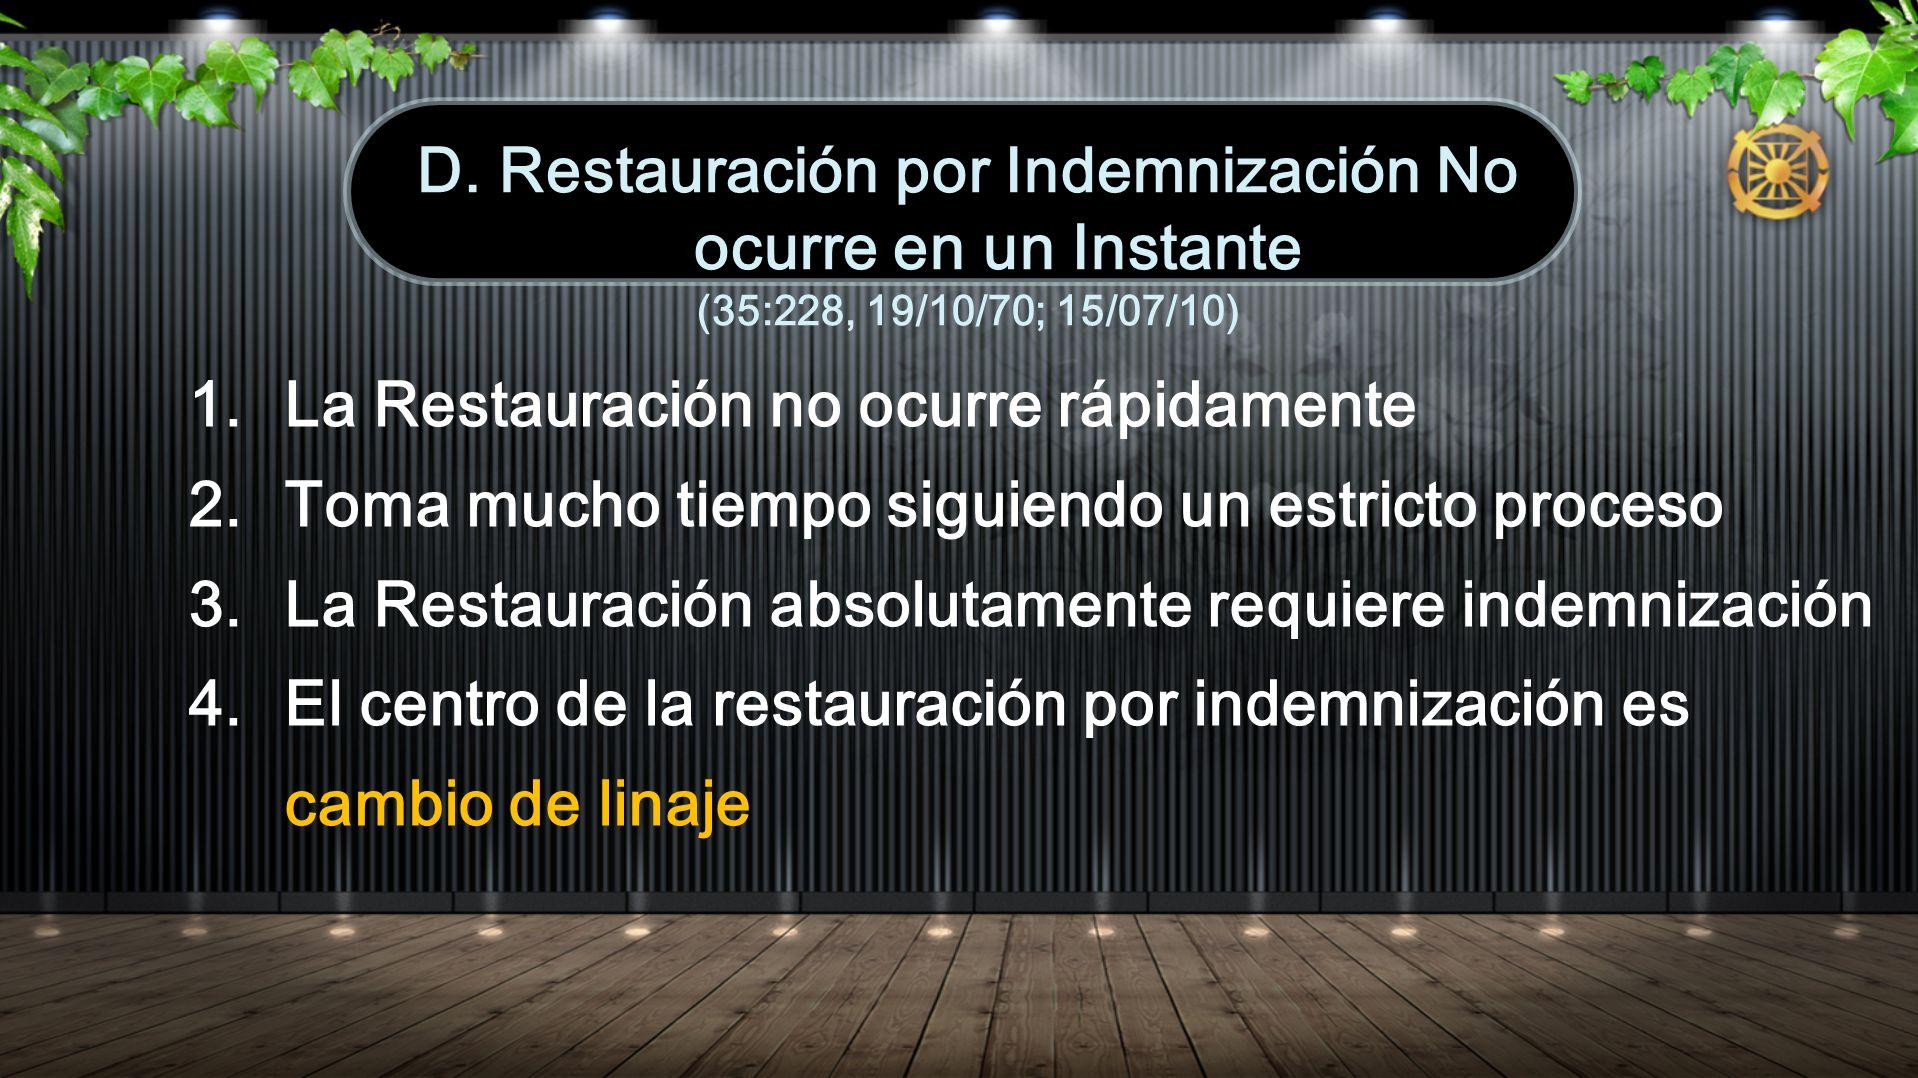 1. La Restauración no ocurre rápidamente 2. Toma mucho tiempo siguiendo un estricto proceso 3. La Restauración absolutamente requiere indemnización 4.